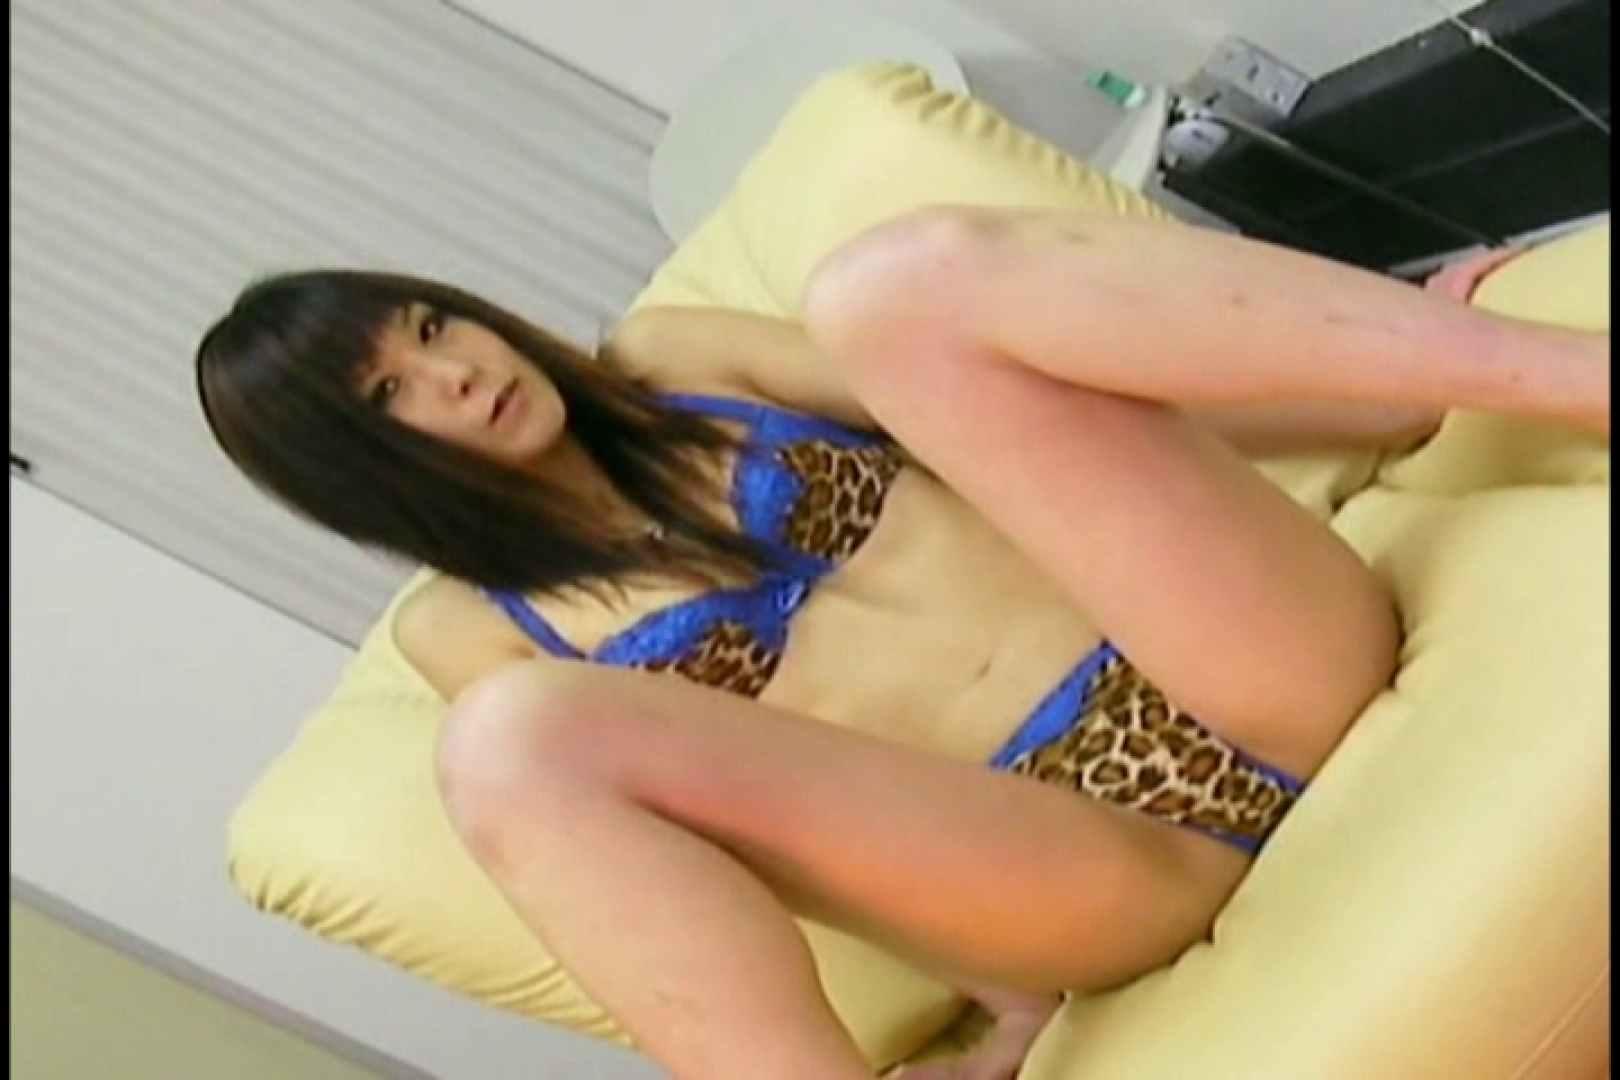 素人撮影 下着だけの撮影のはずが・・・りか26歳 Hなお姉さん ヌード画像 112pic 94